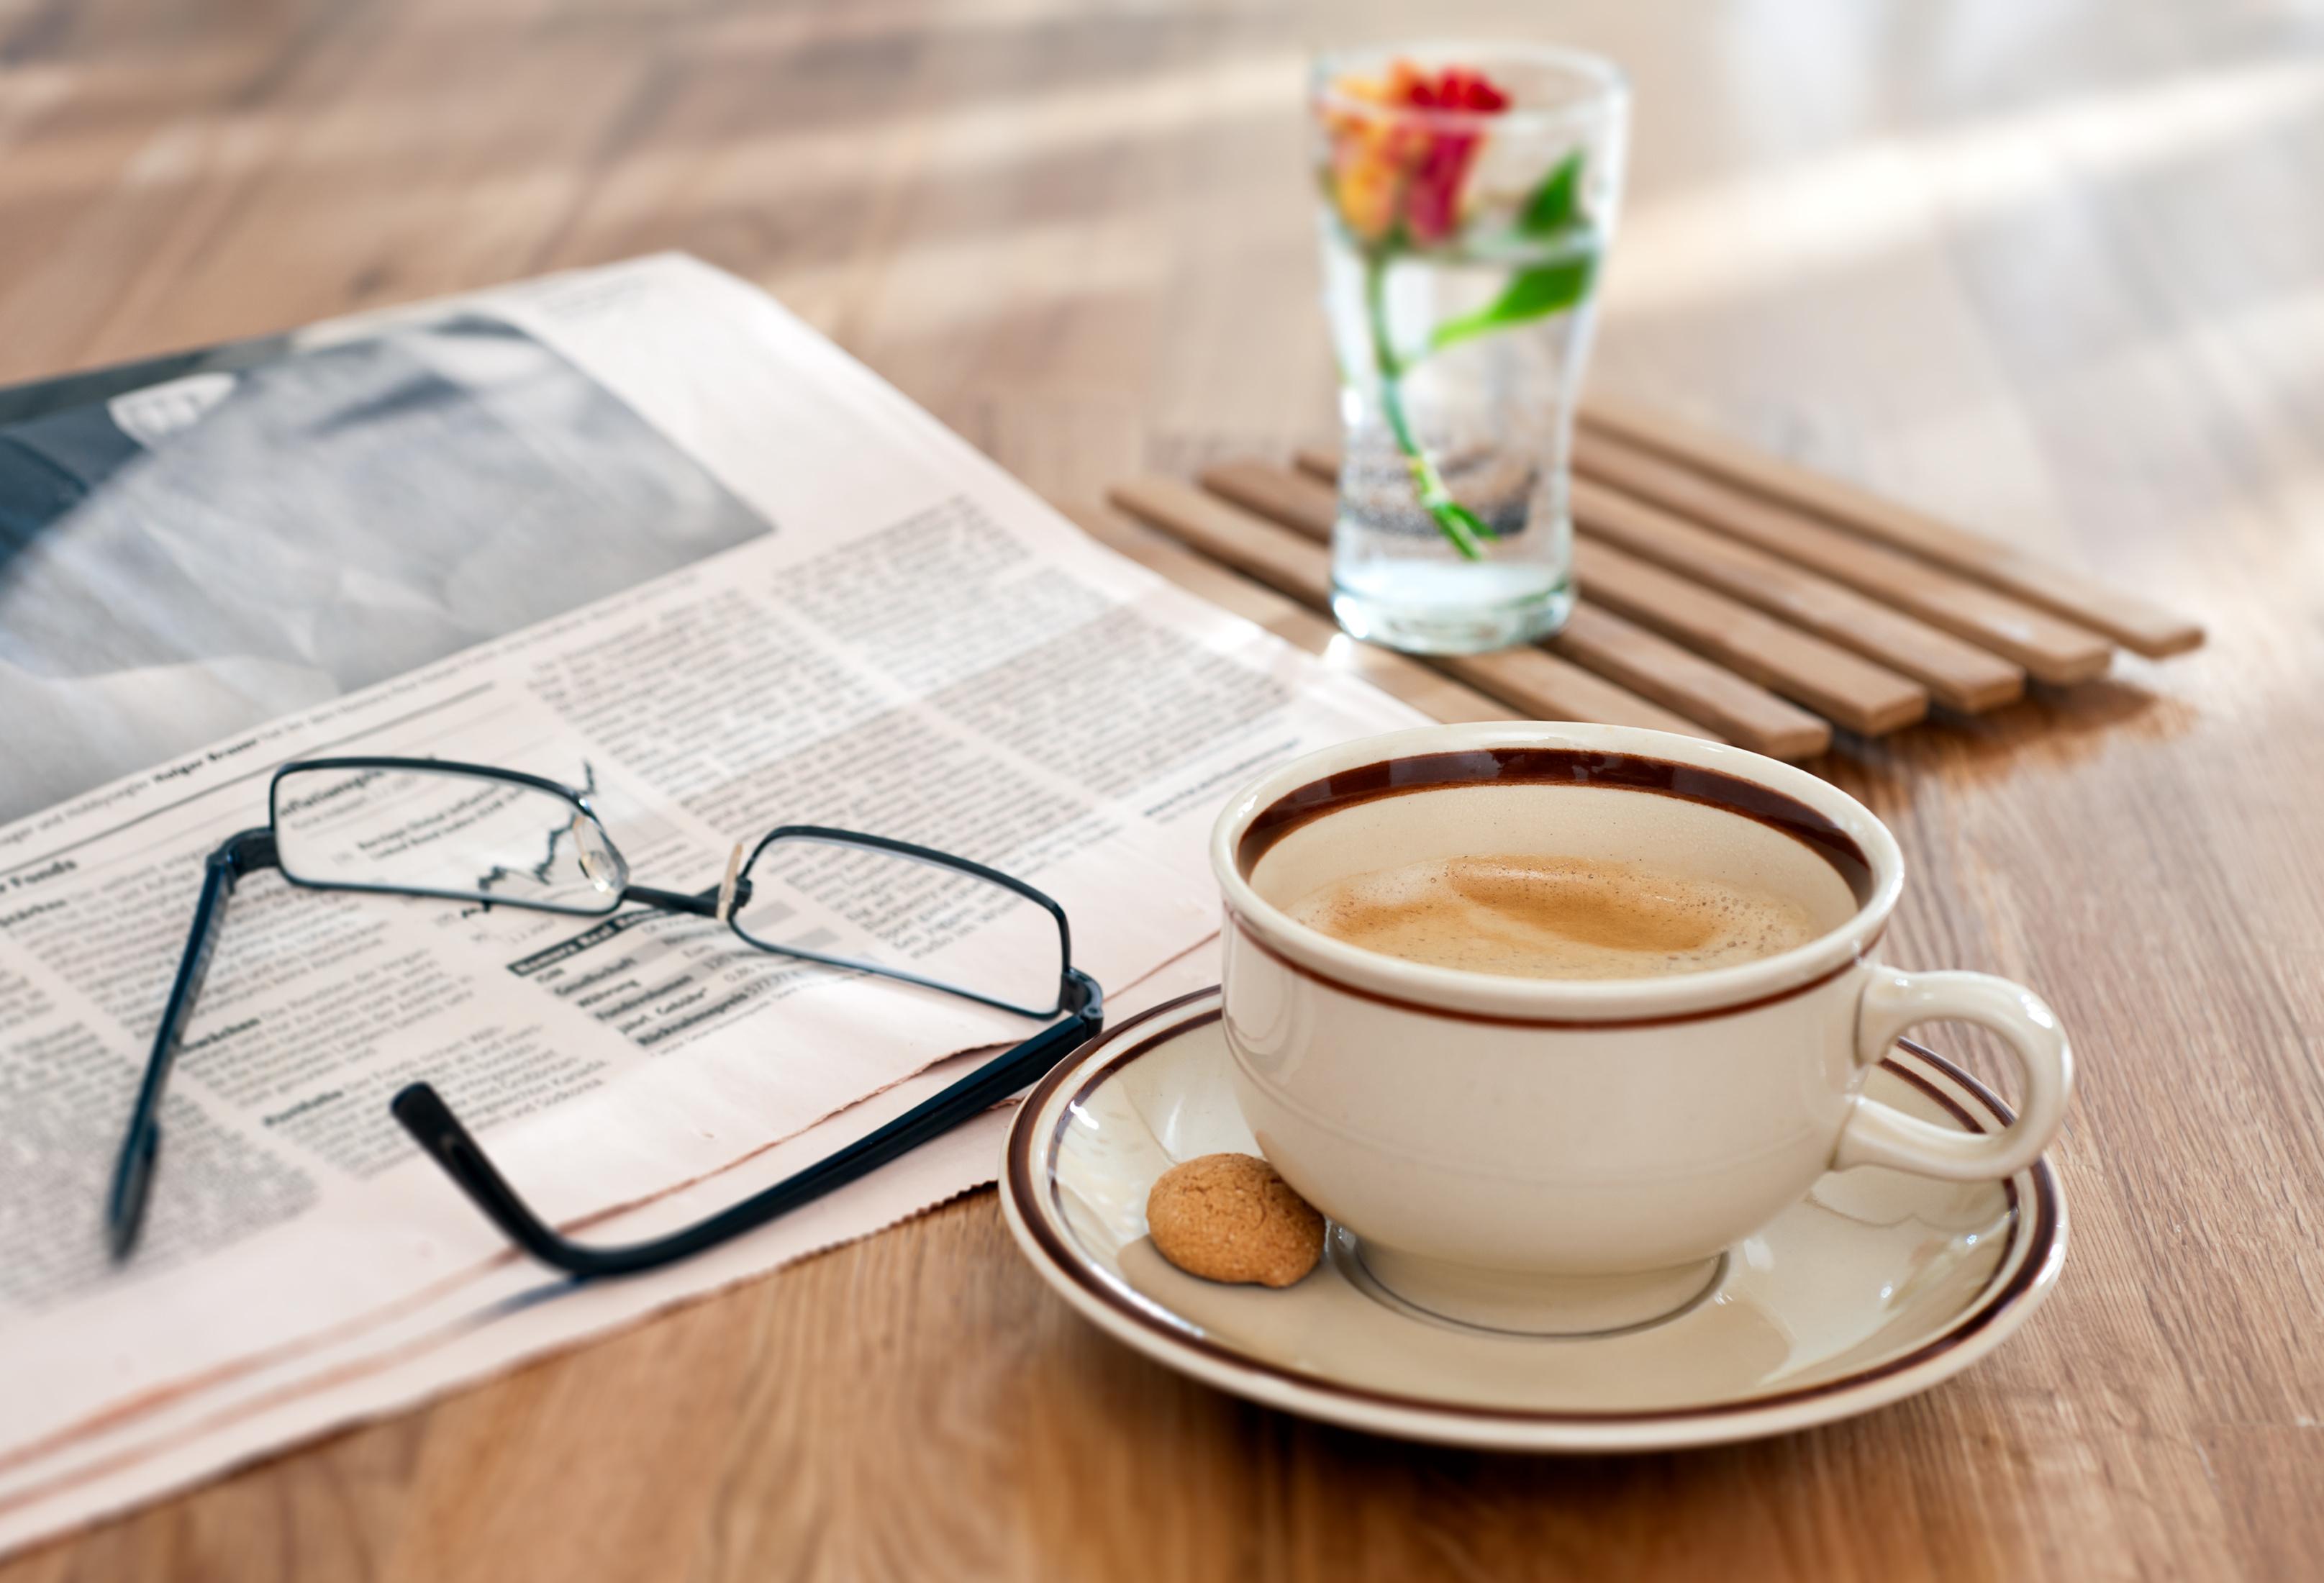 Breakfast @ Tuoi Tre News – March 6